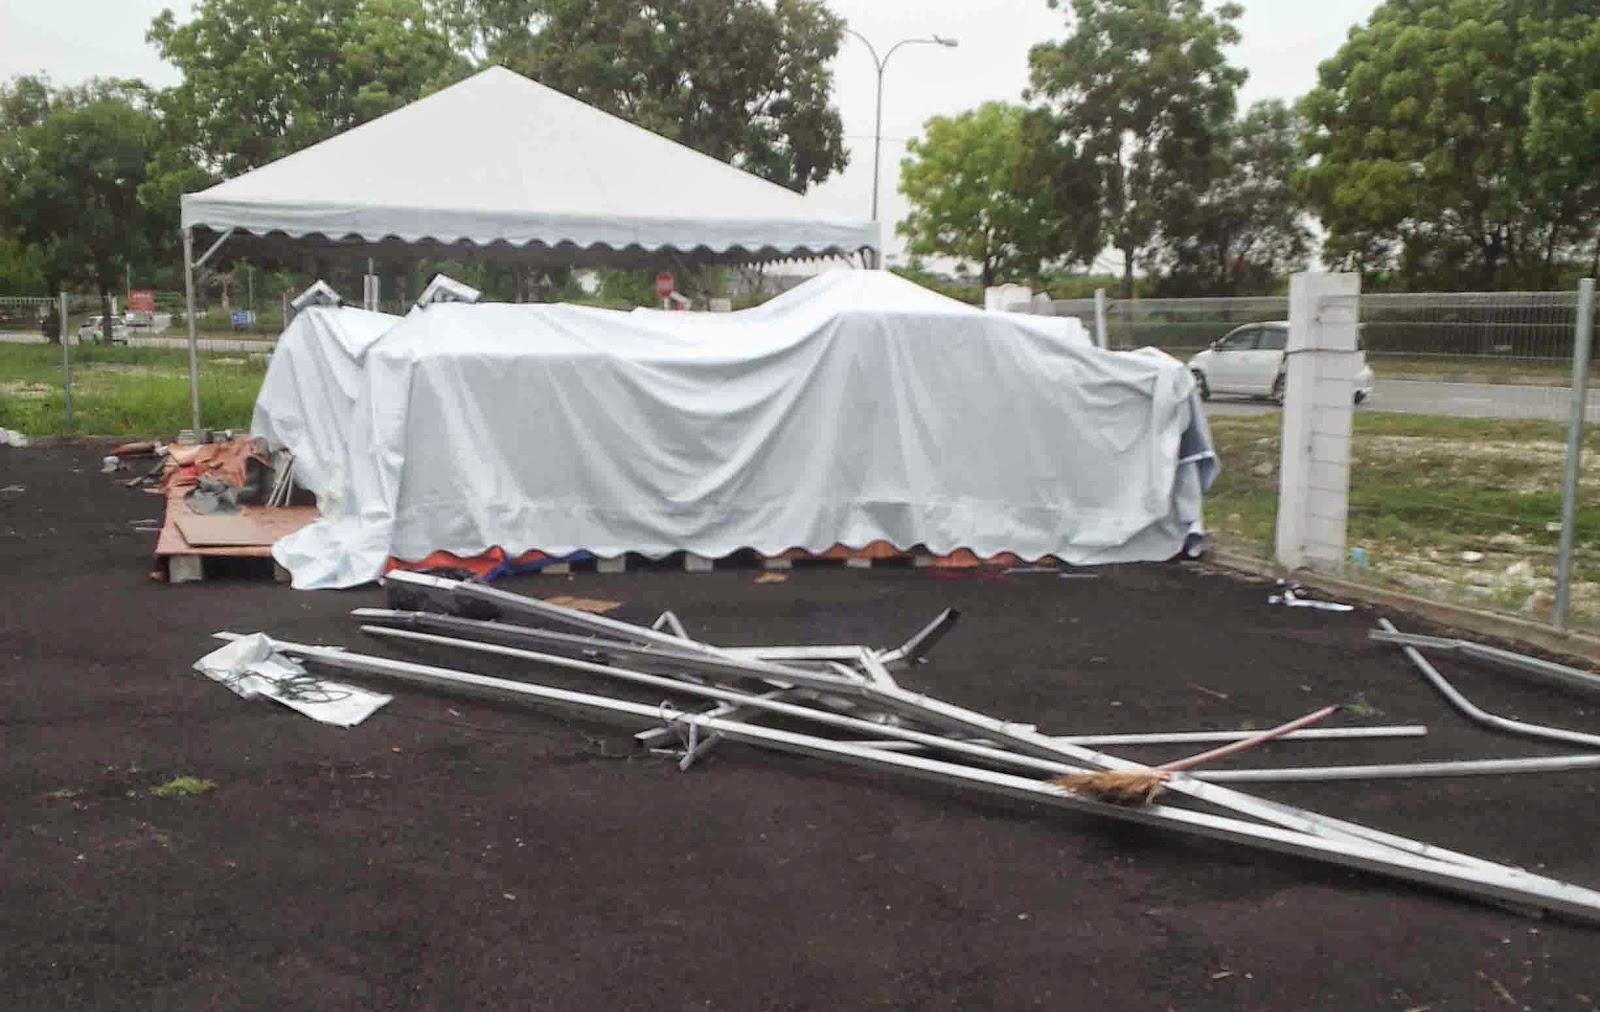 Bagaimana mengelakkan kanopi / khemah runtuh / terbang semasa cuaca buruk?